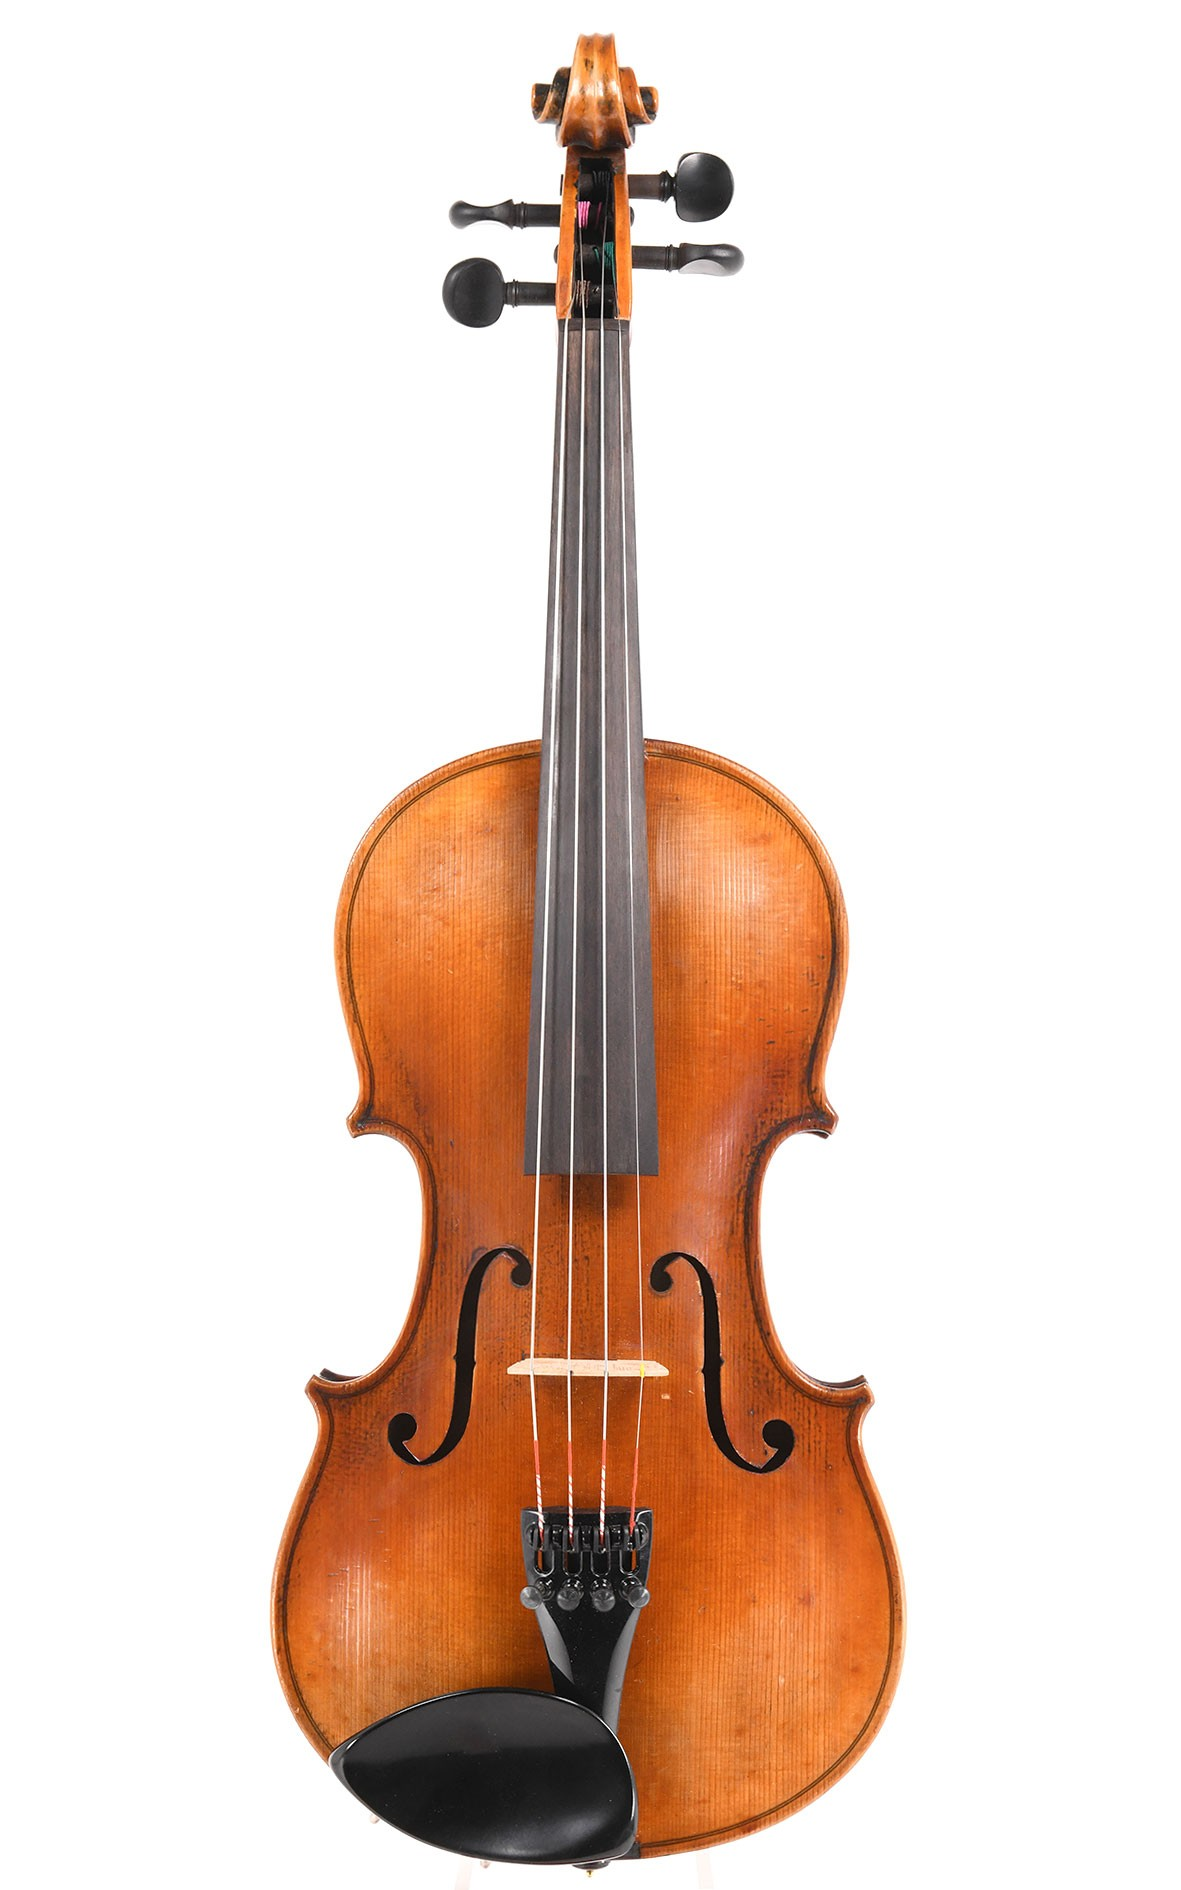 Vieux violon de Markneukirchen vers 1930 - table en épicéa